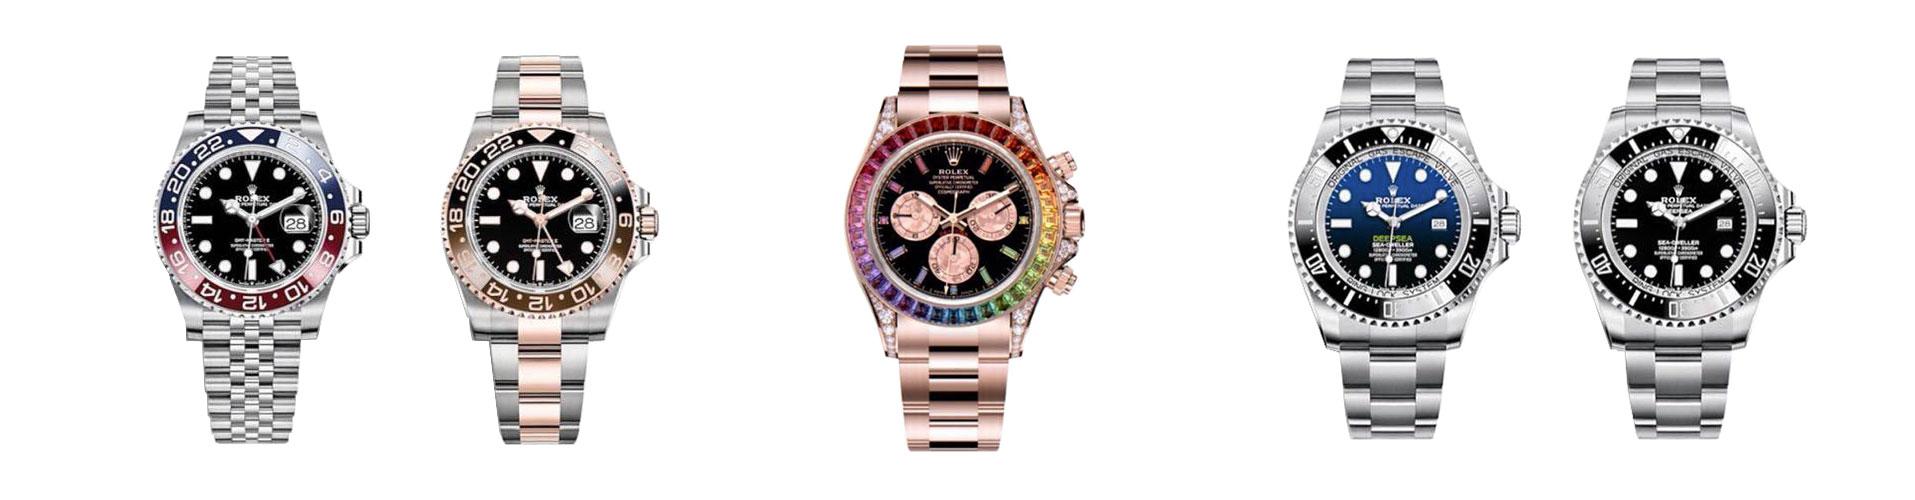 Rolex Uhren - Juwelier Weiss Uhren Ankauf & Service